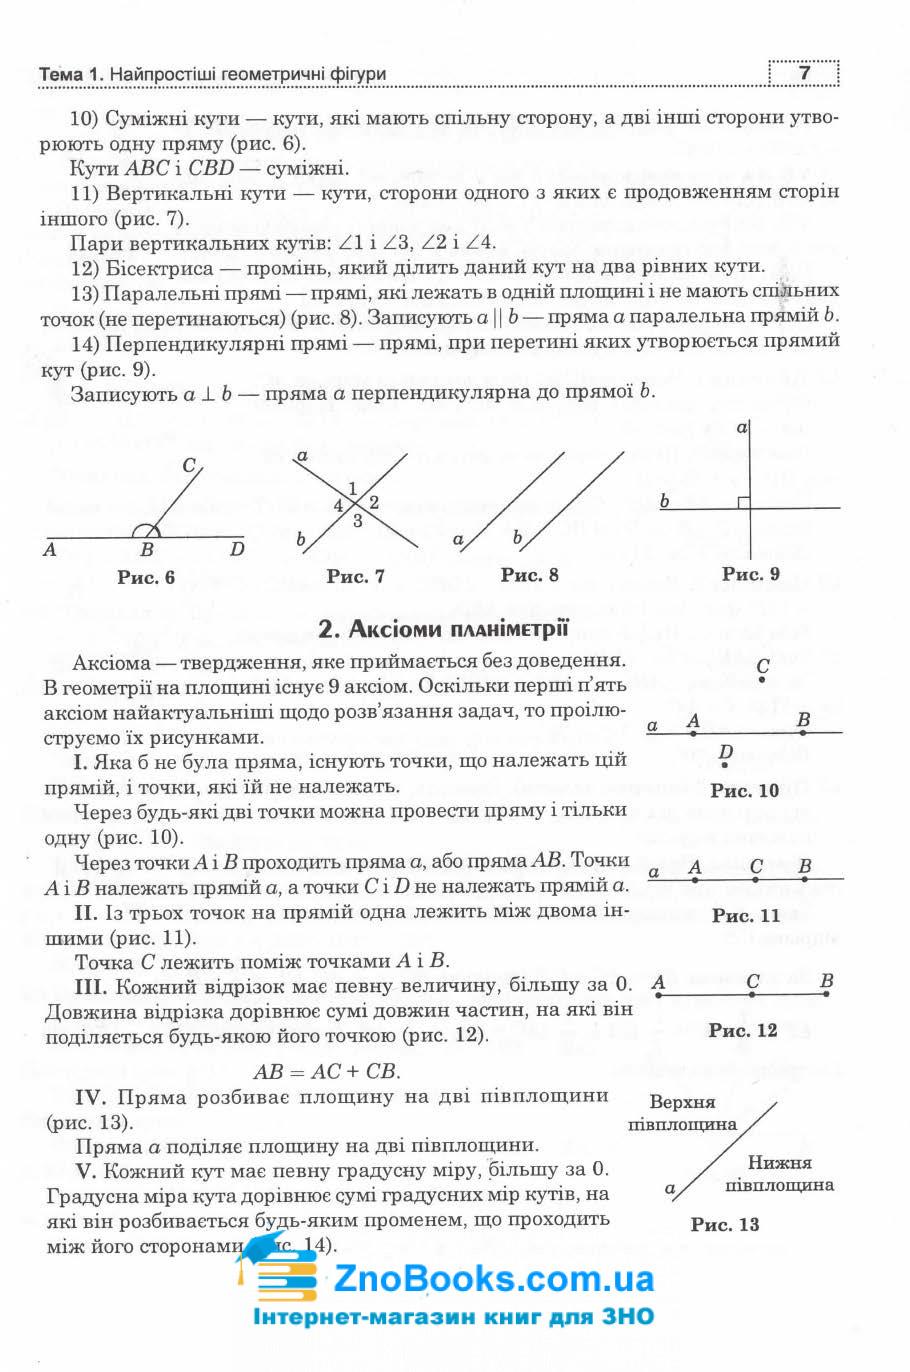 Клочко І. Математика ЗНО 2022. Геометрія. Частина 1 : Навчальна книга - Богдан. 7